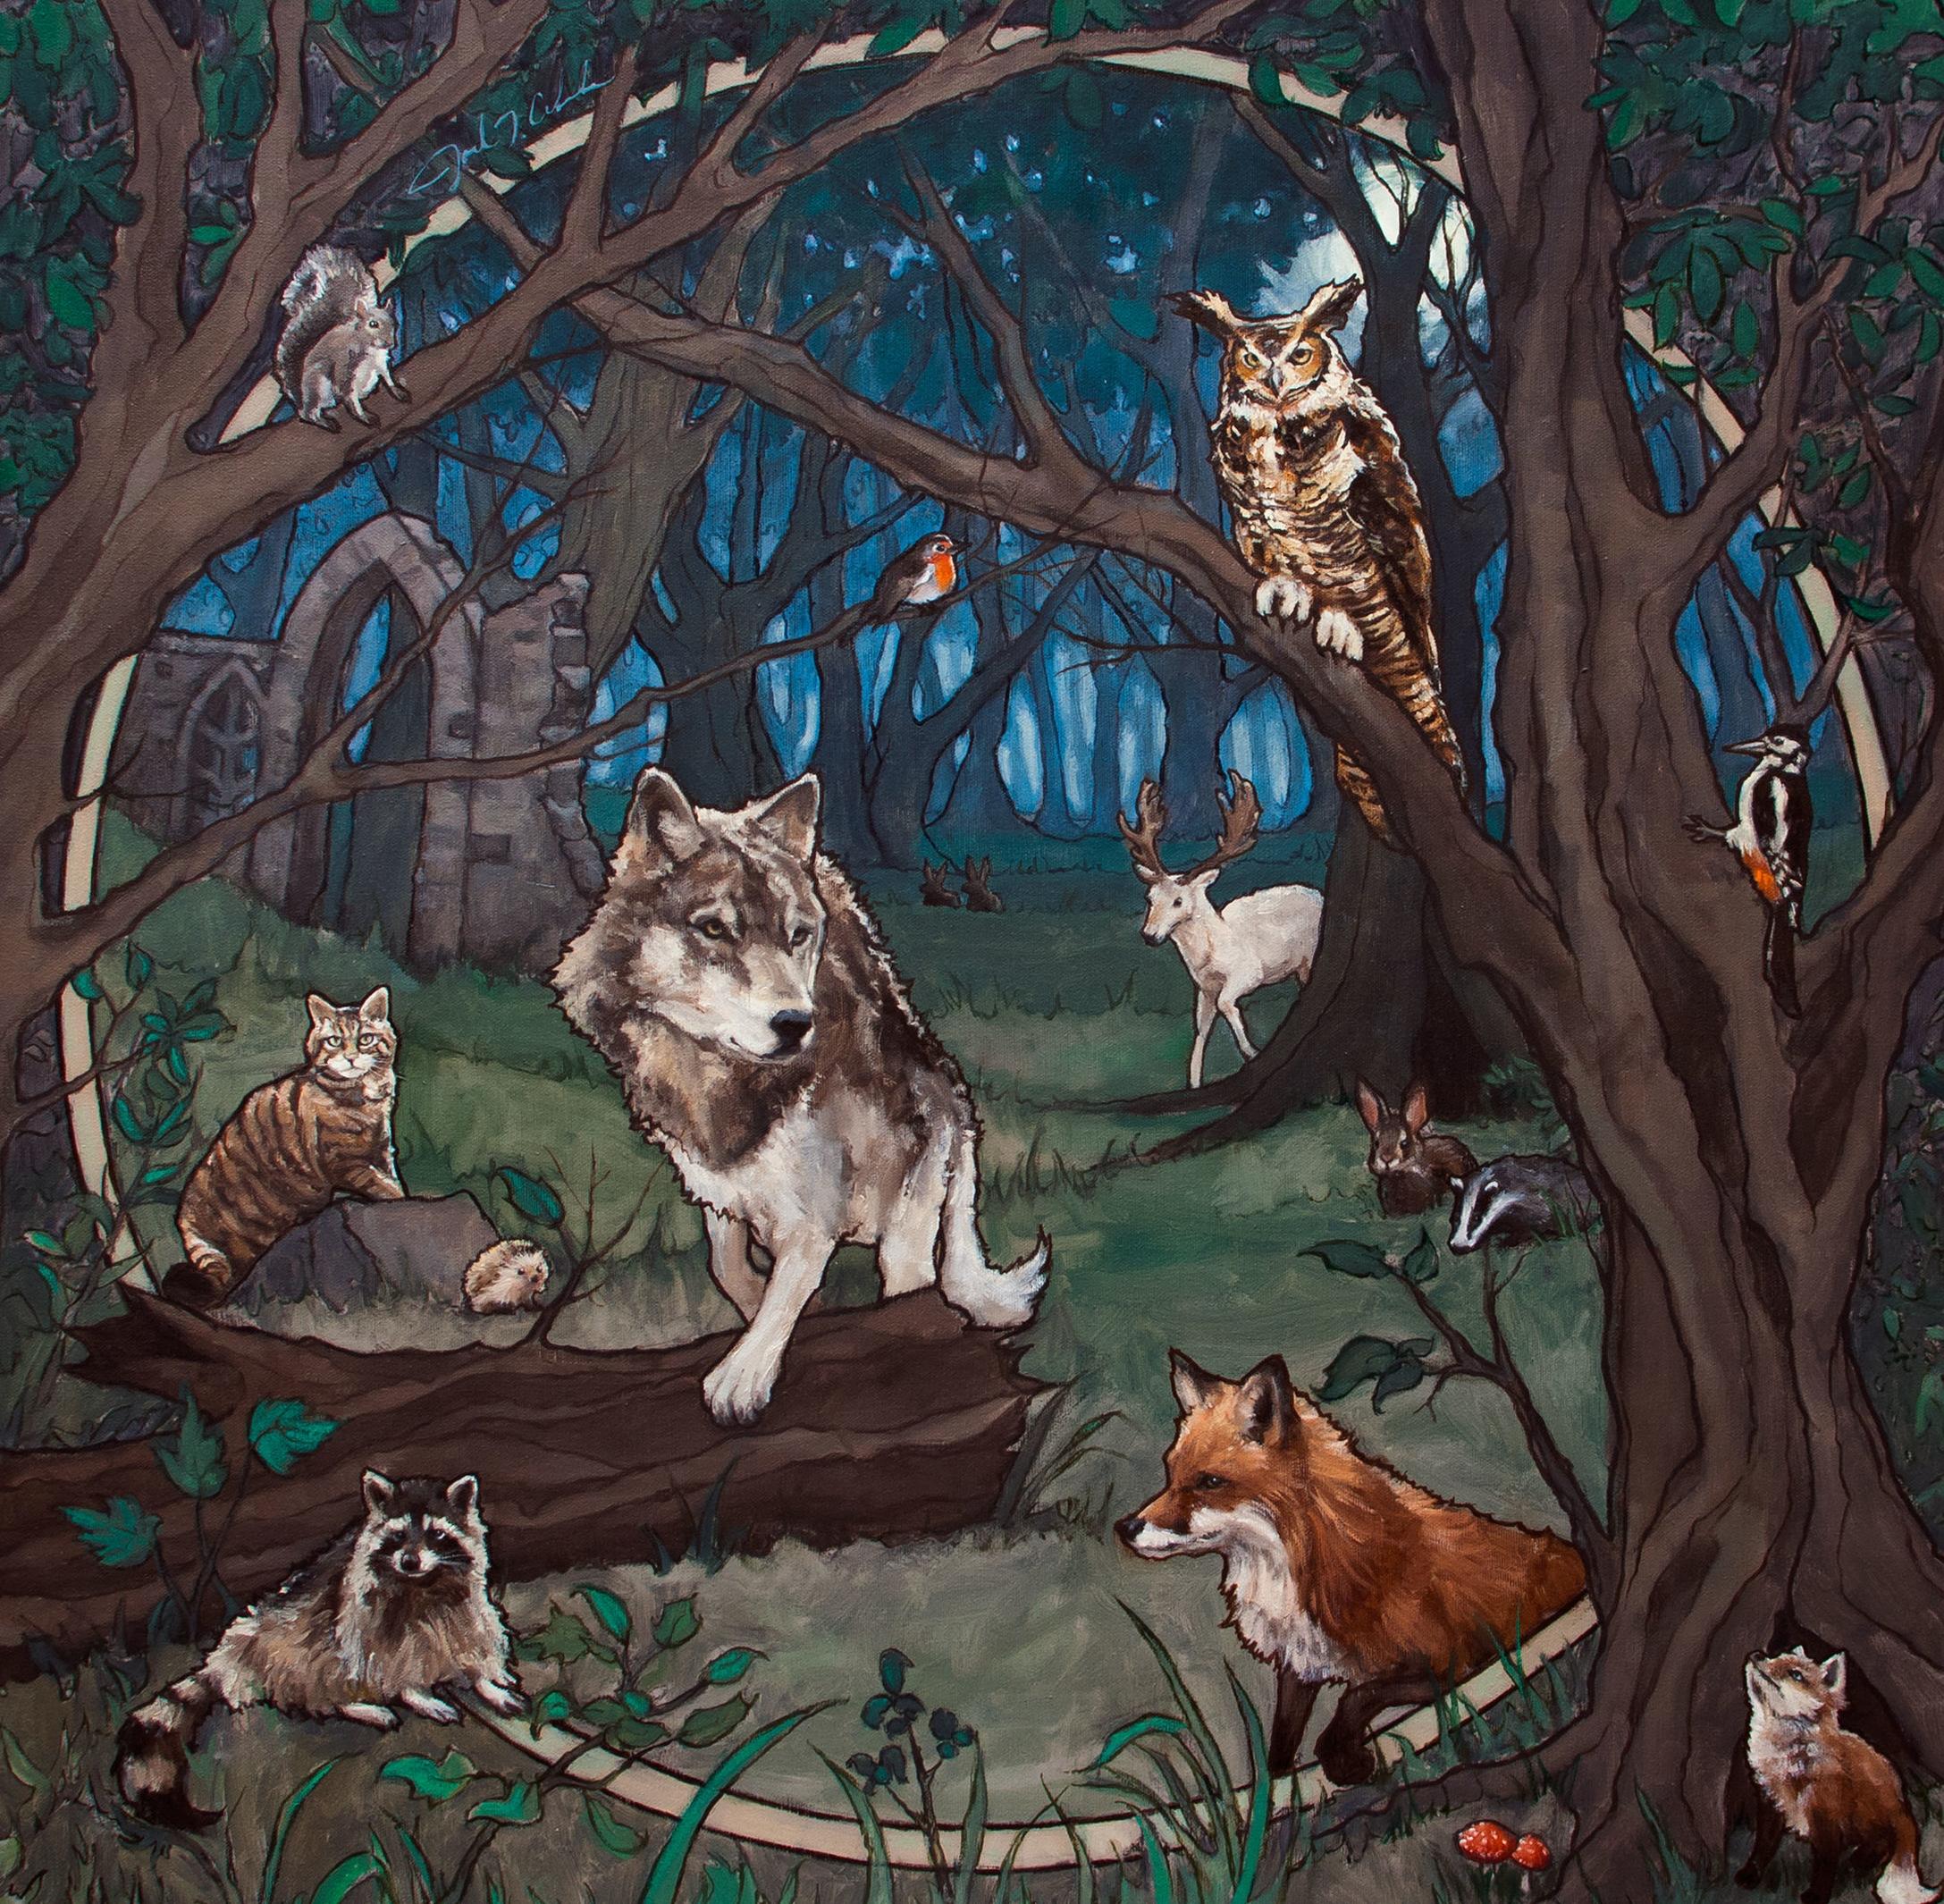 Night in the English-Wood-final web.jpg